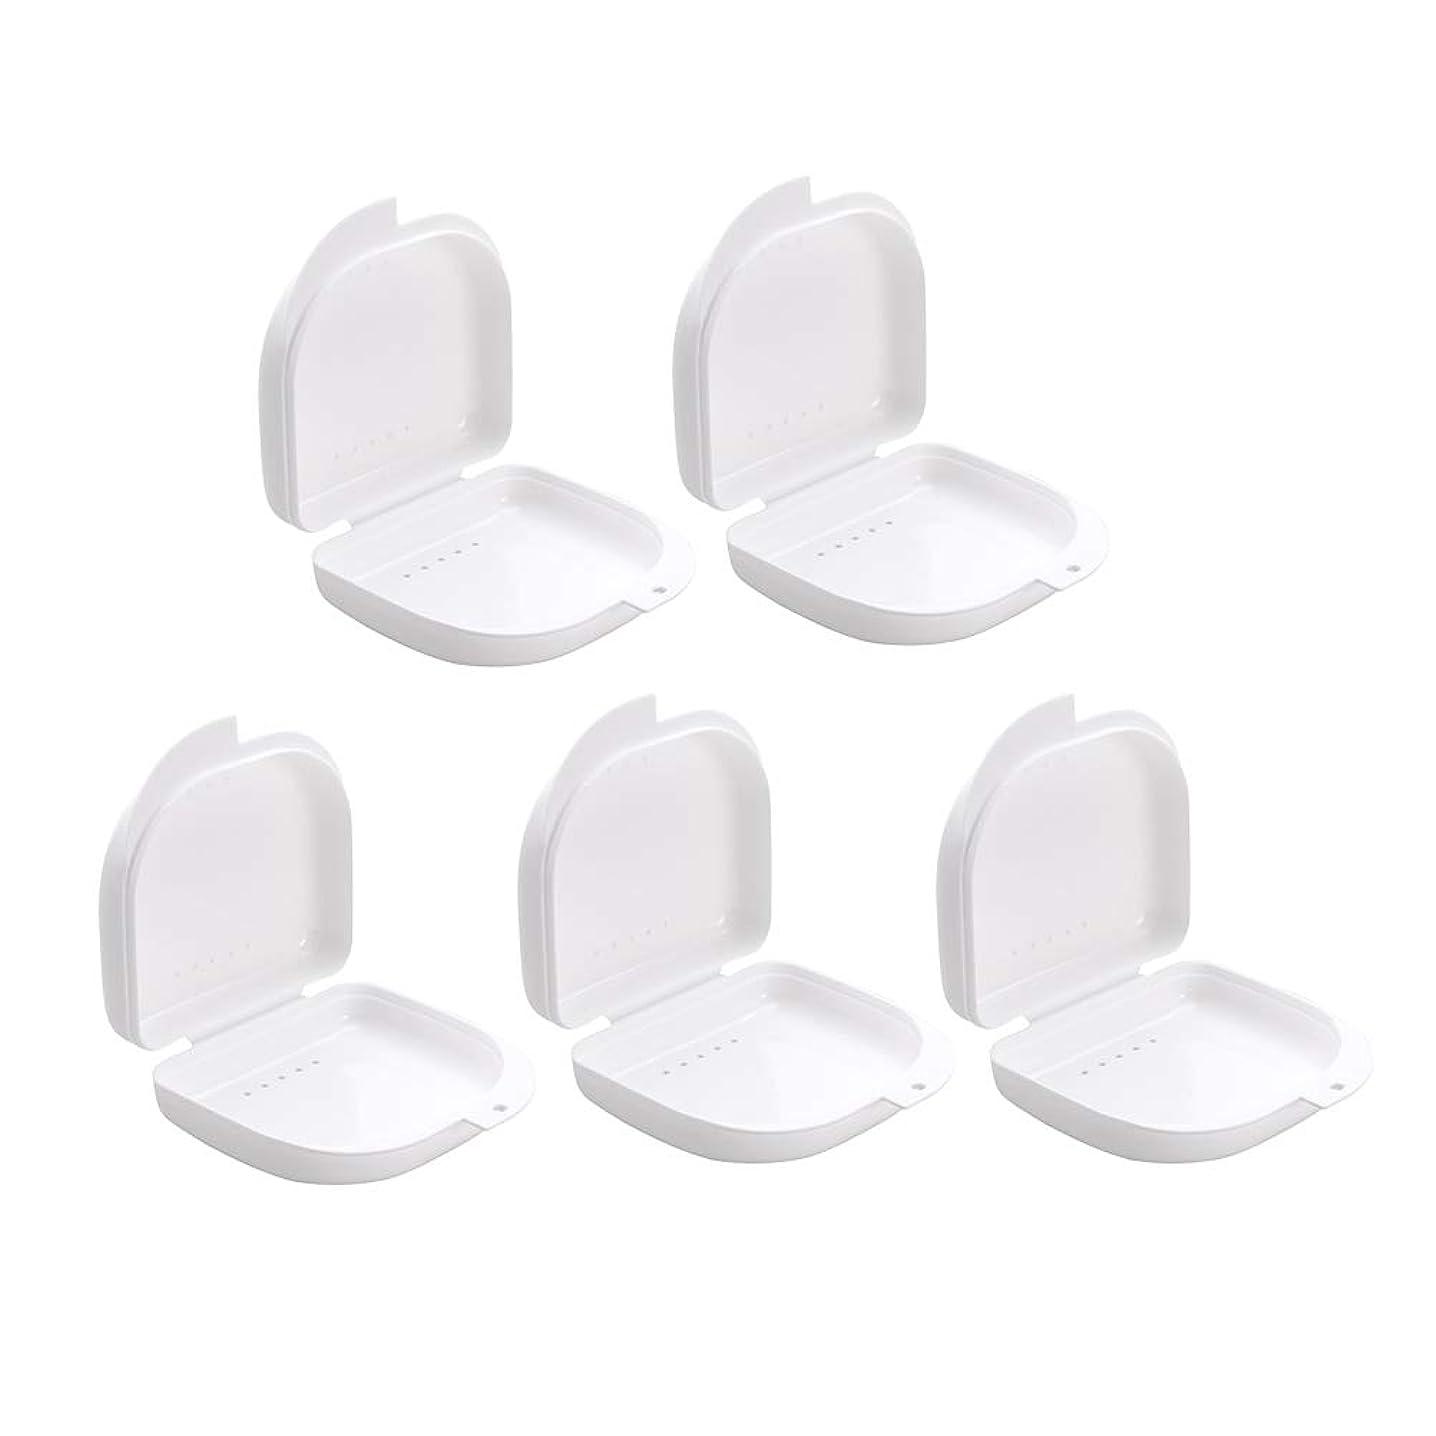 八性能スペイン語Healifty ベントホール付きデンタルケースマウスガードケースデンタルリテーナボックス5個(白)